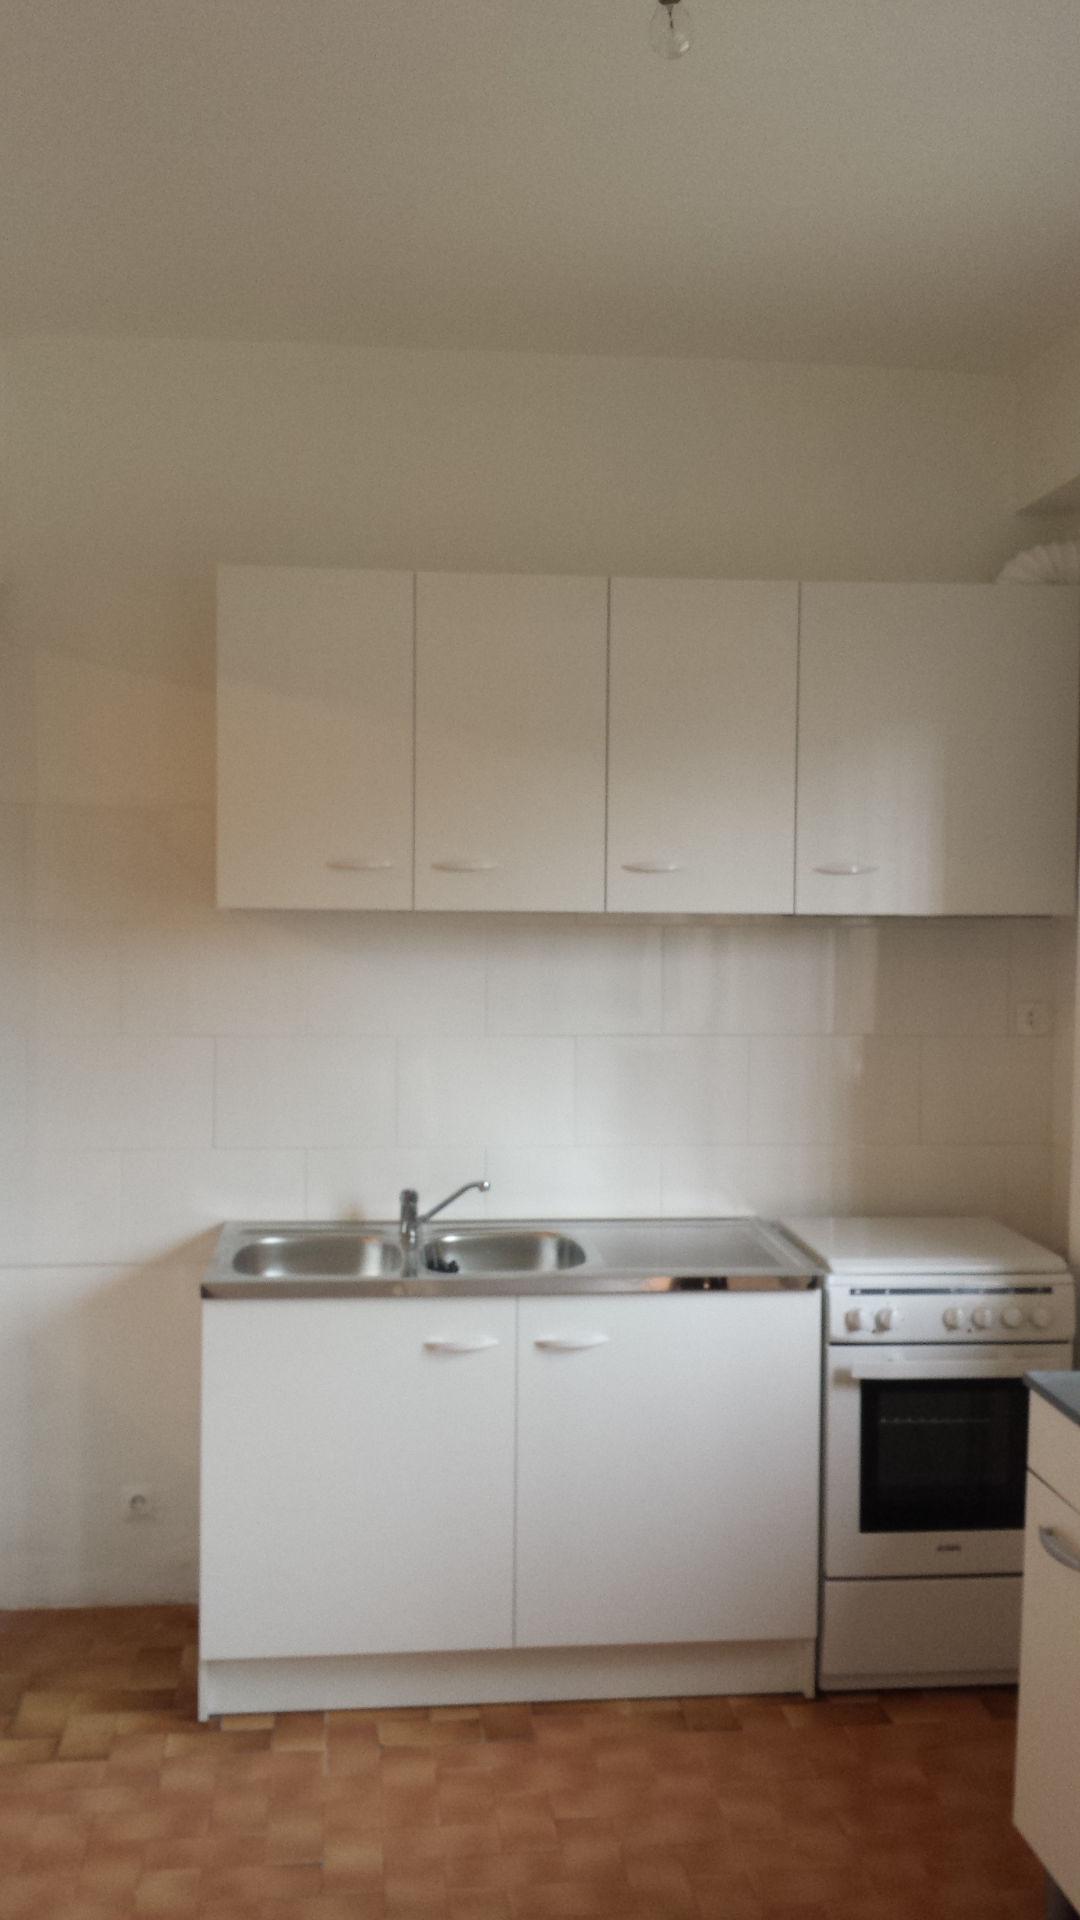 Rénovation cuisine Avignon après